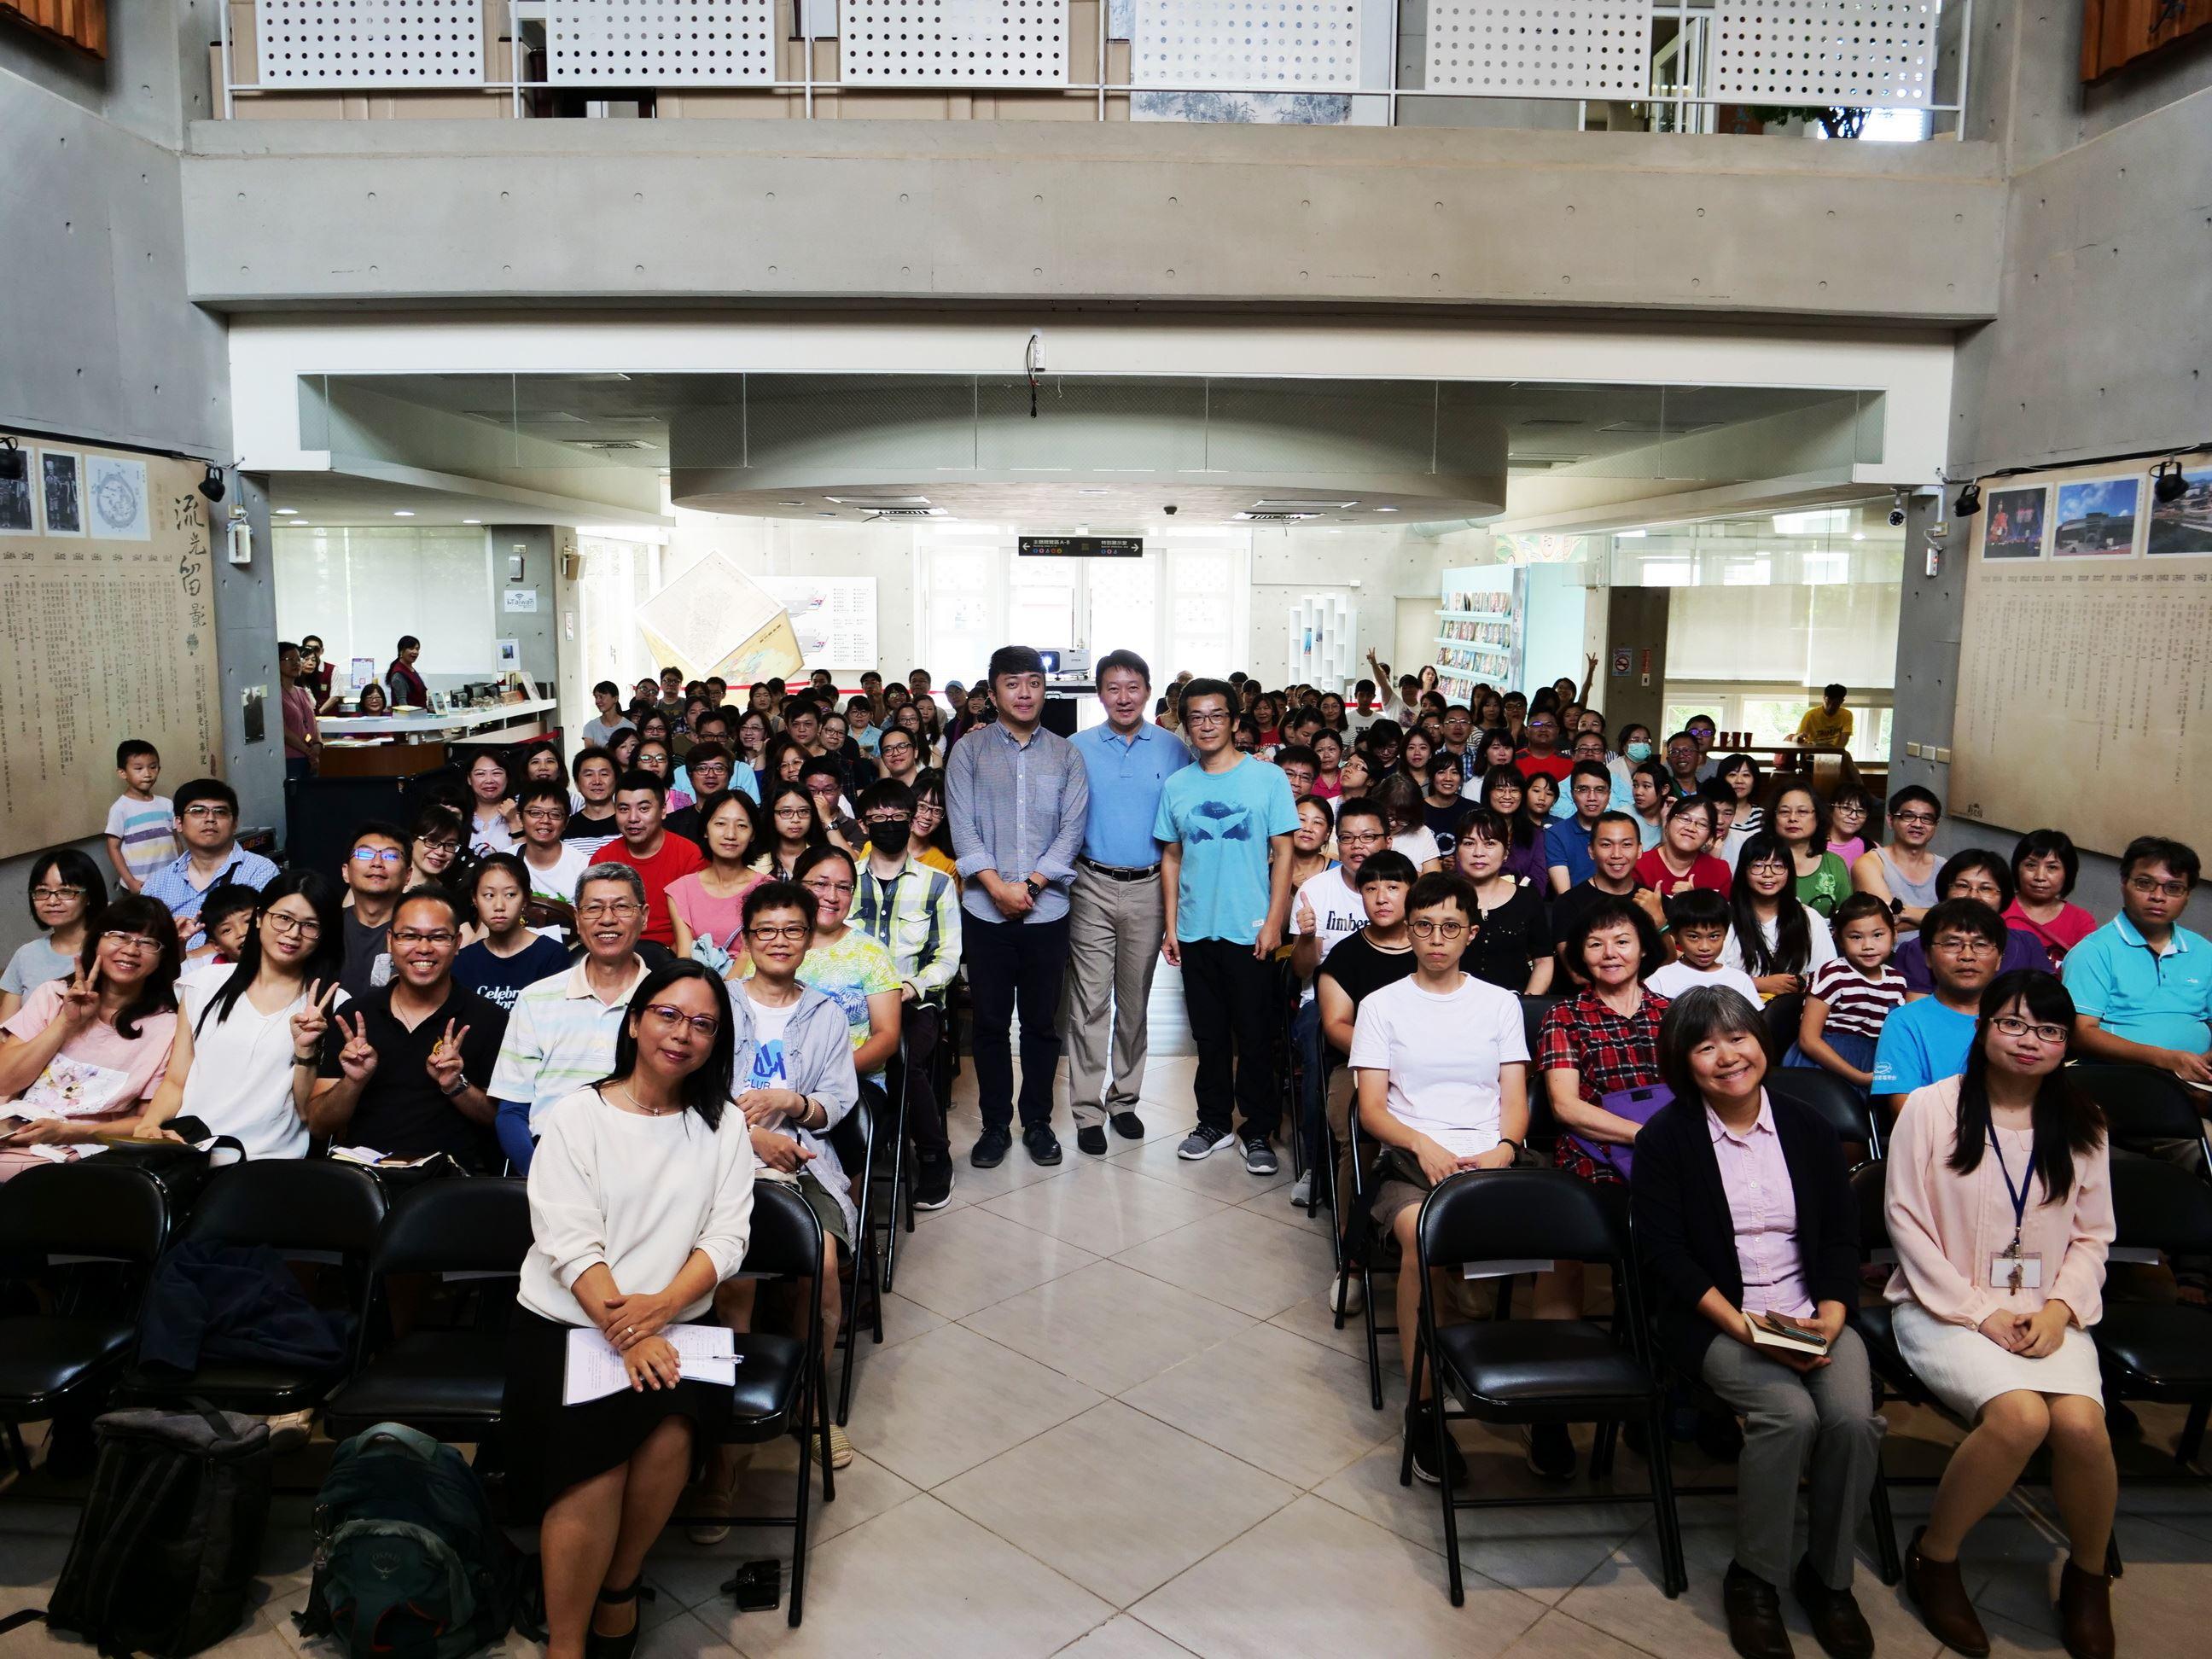 大師講座談傳統的未來 導演魏德聖與臺灣吧營運長蕭宇辰暢談